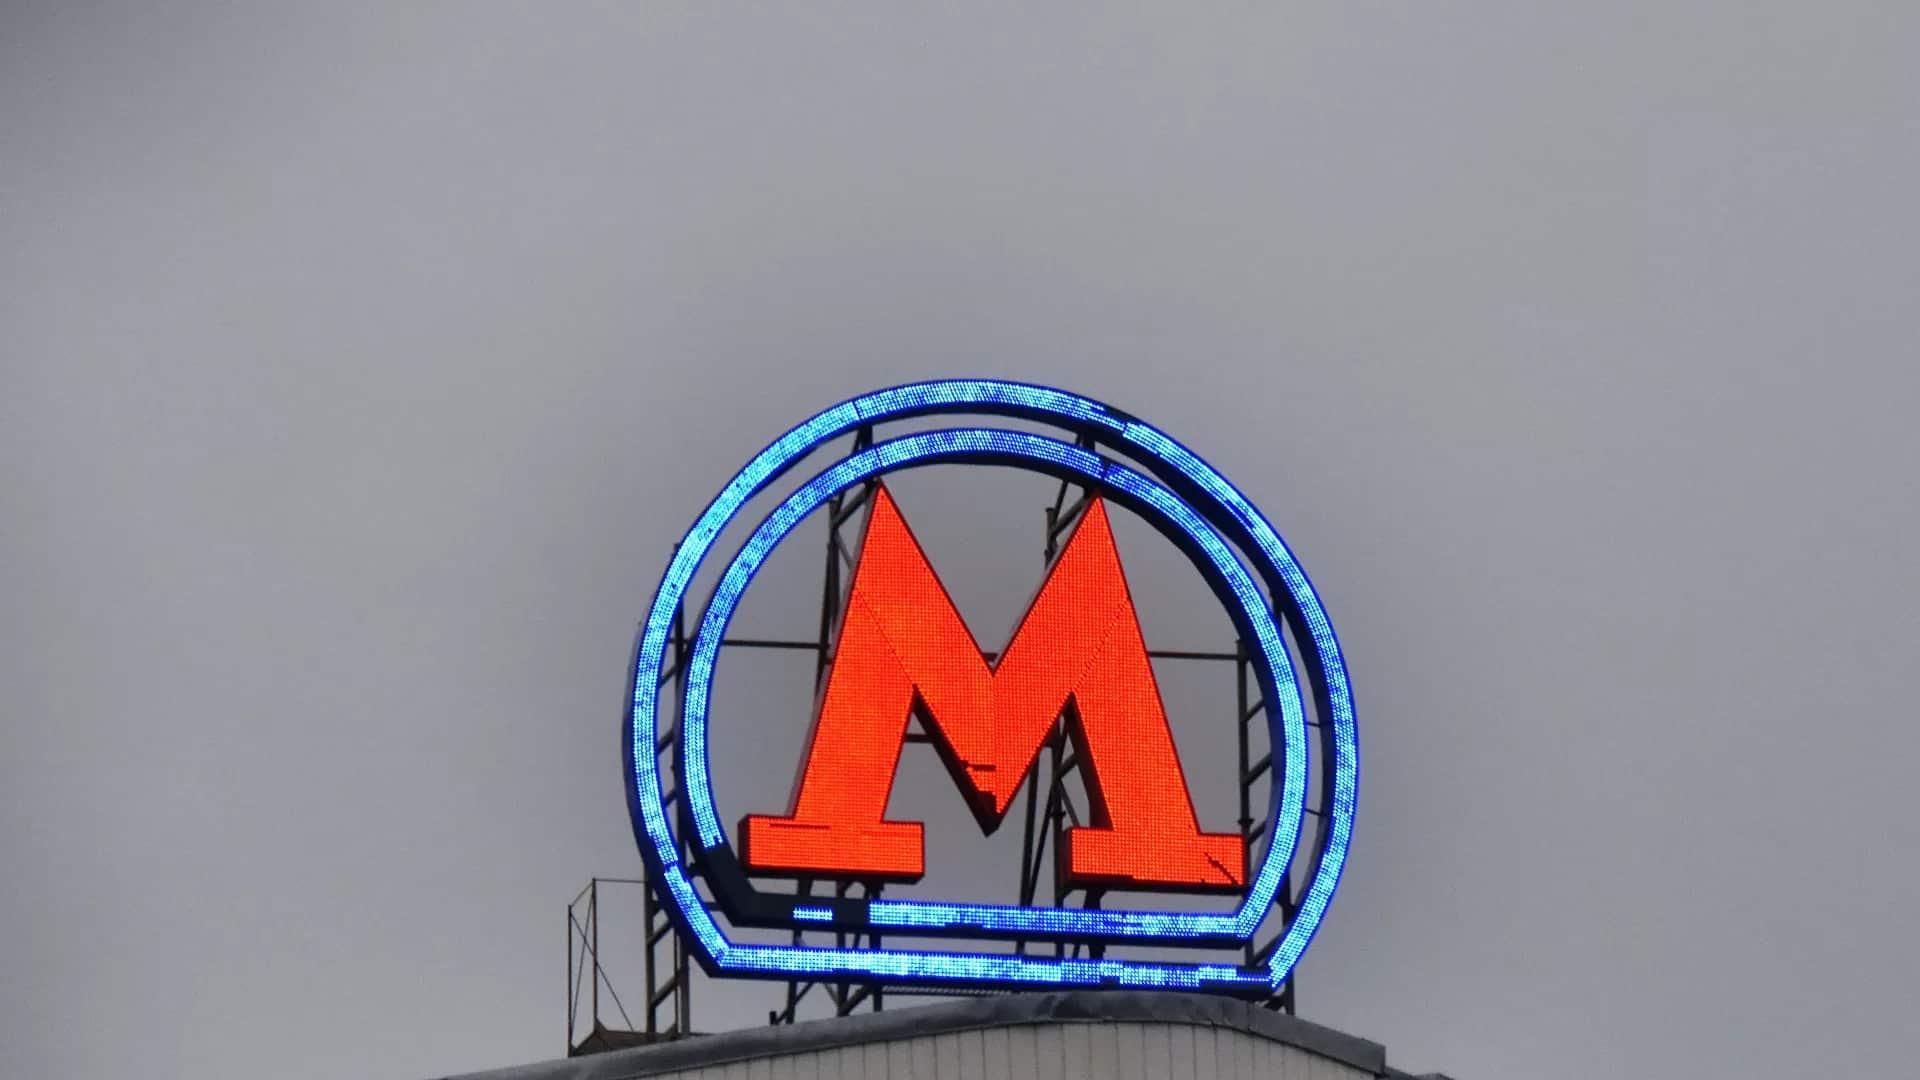 Станции Калужско-рижской линии закроют в Москве из-за строительных работ